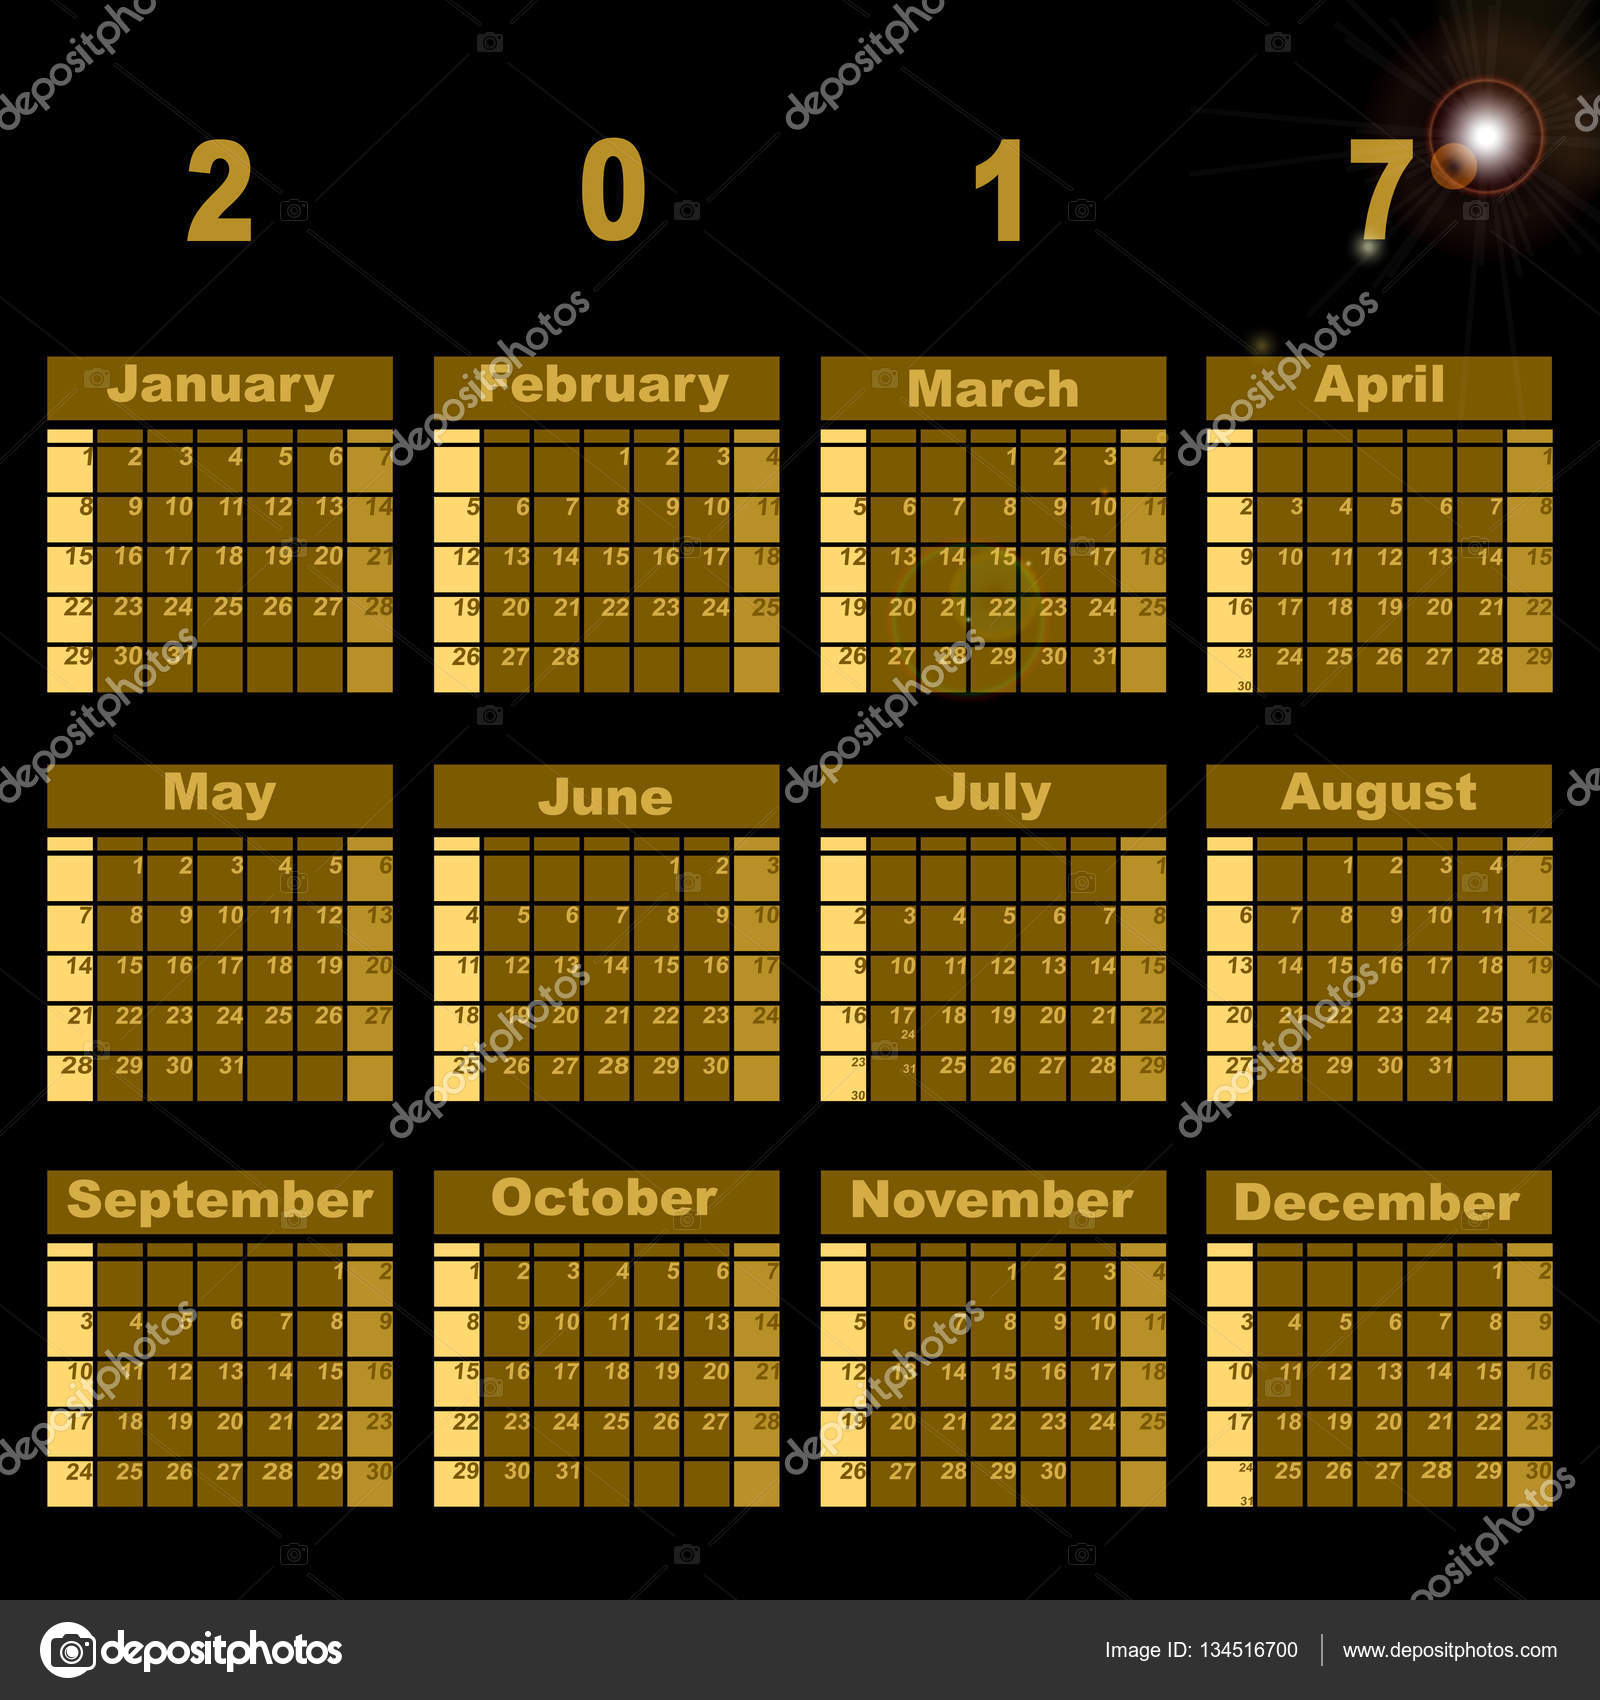 Plantilla de calendario magnífico demo 2017 — Archivo Imágenes ...